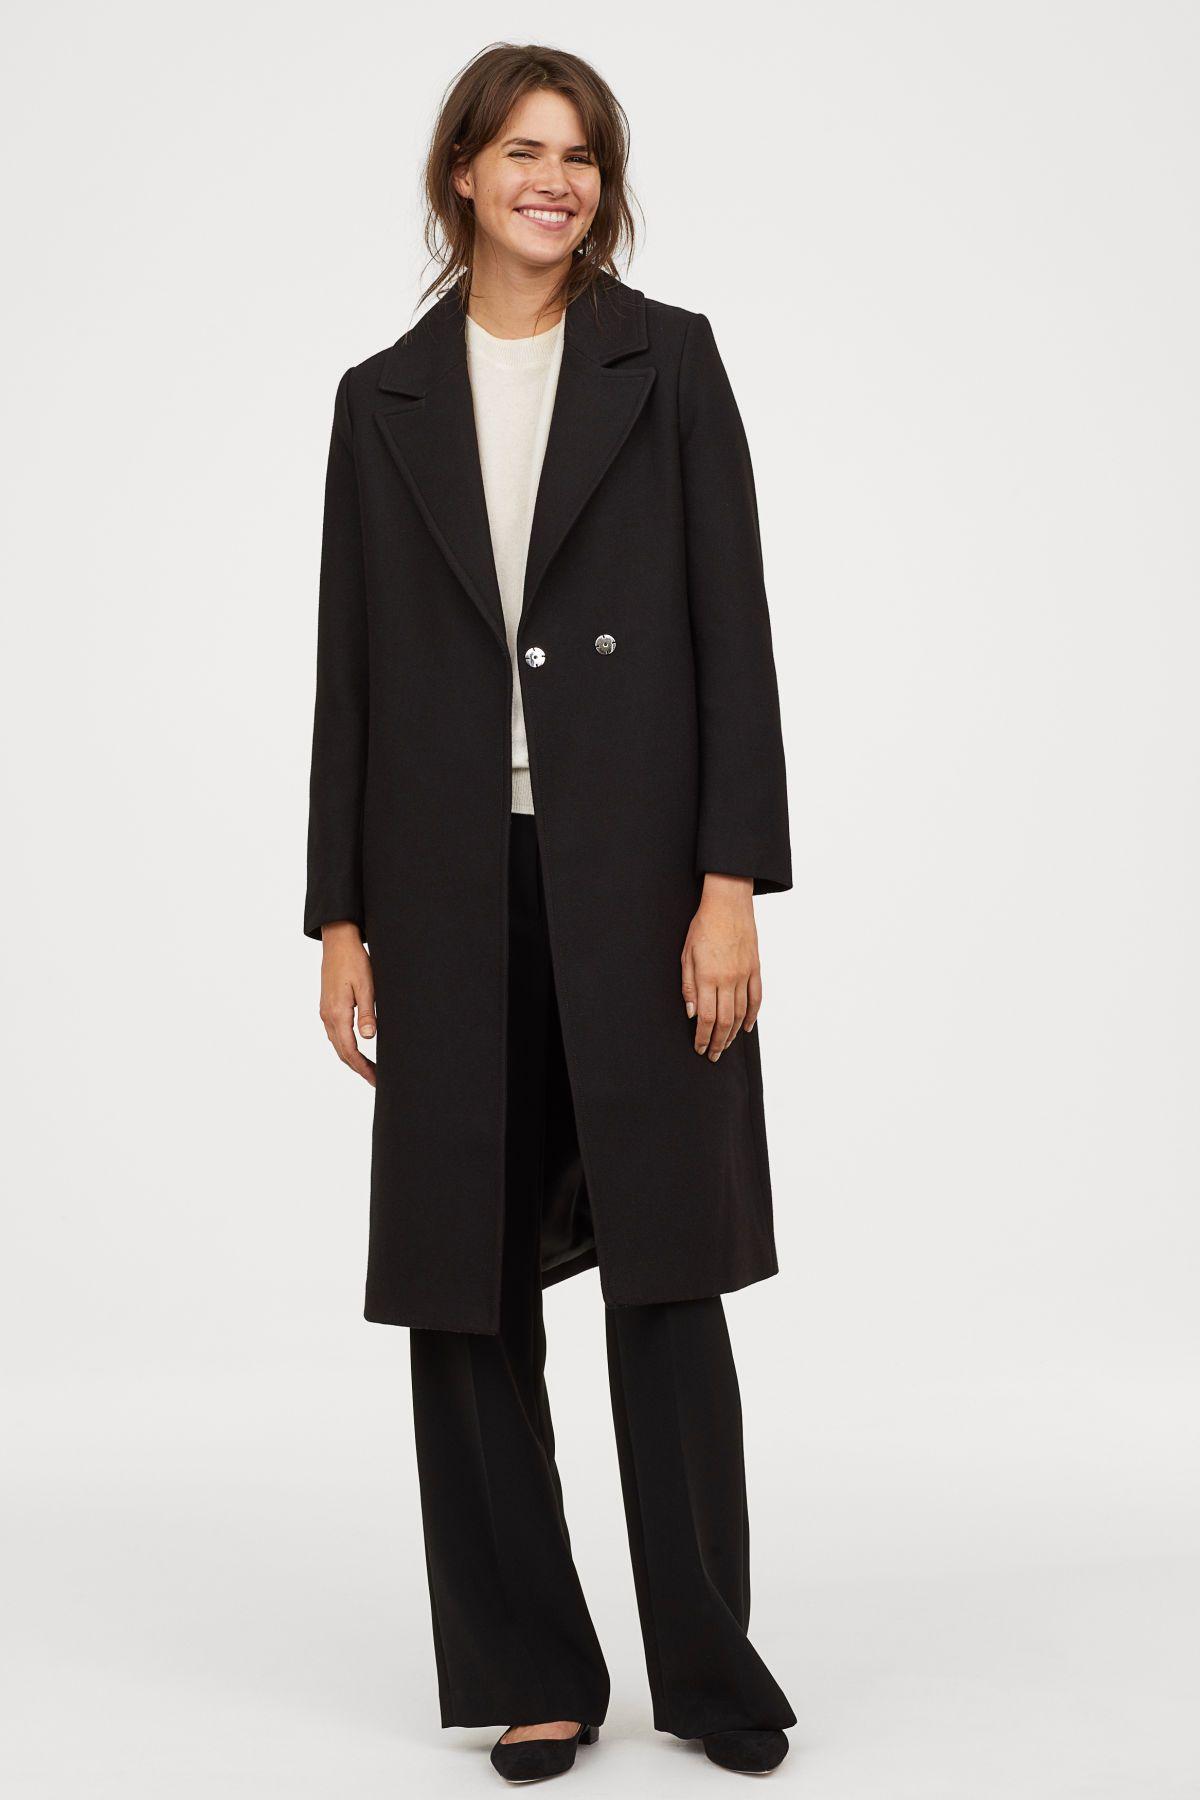 Mantel aus Wollmischung | Schwarz | DAMEN | H&M DE | Outfit